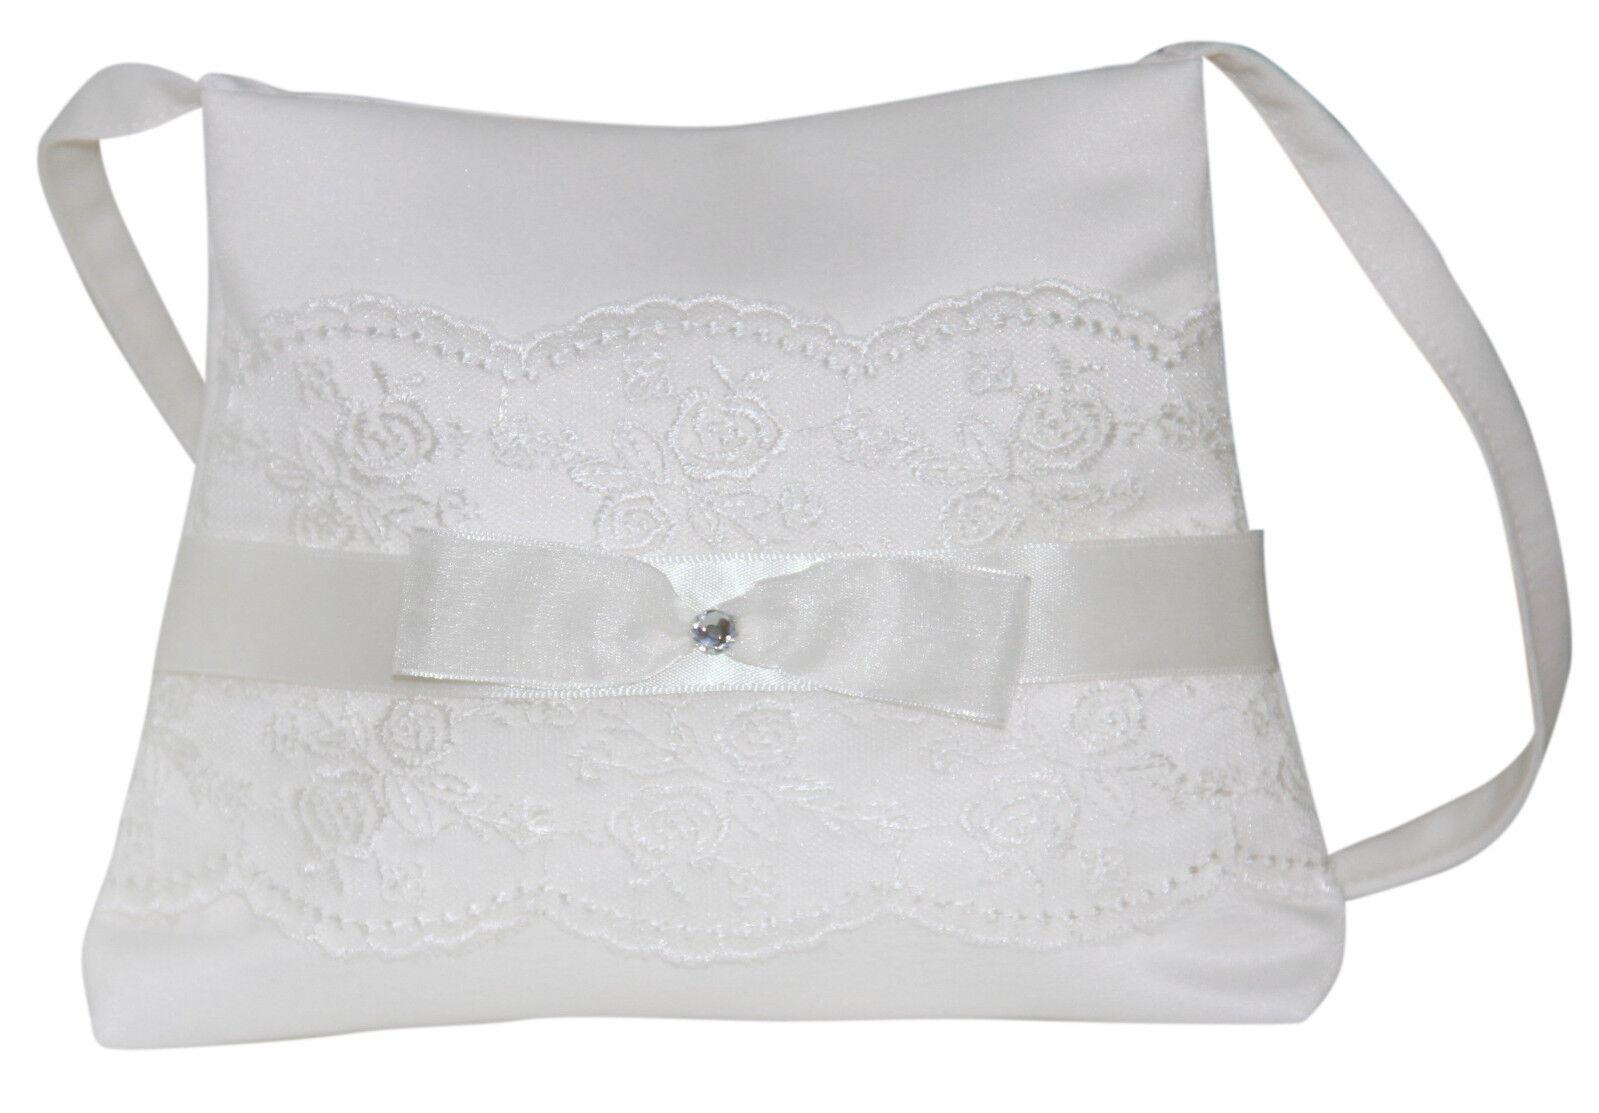 HBH Brautmoden Brauthandtasche aus Satin mit einer Schleife und Spitze verziert